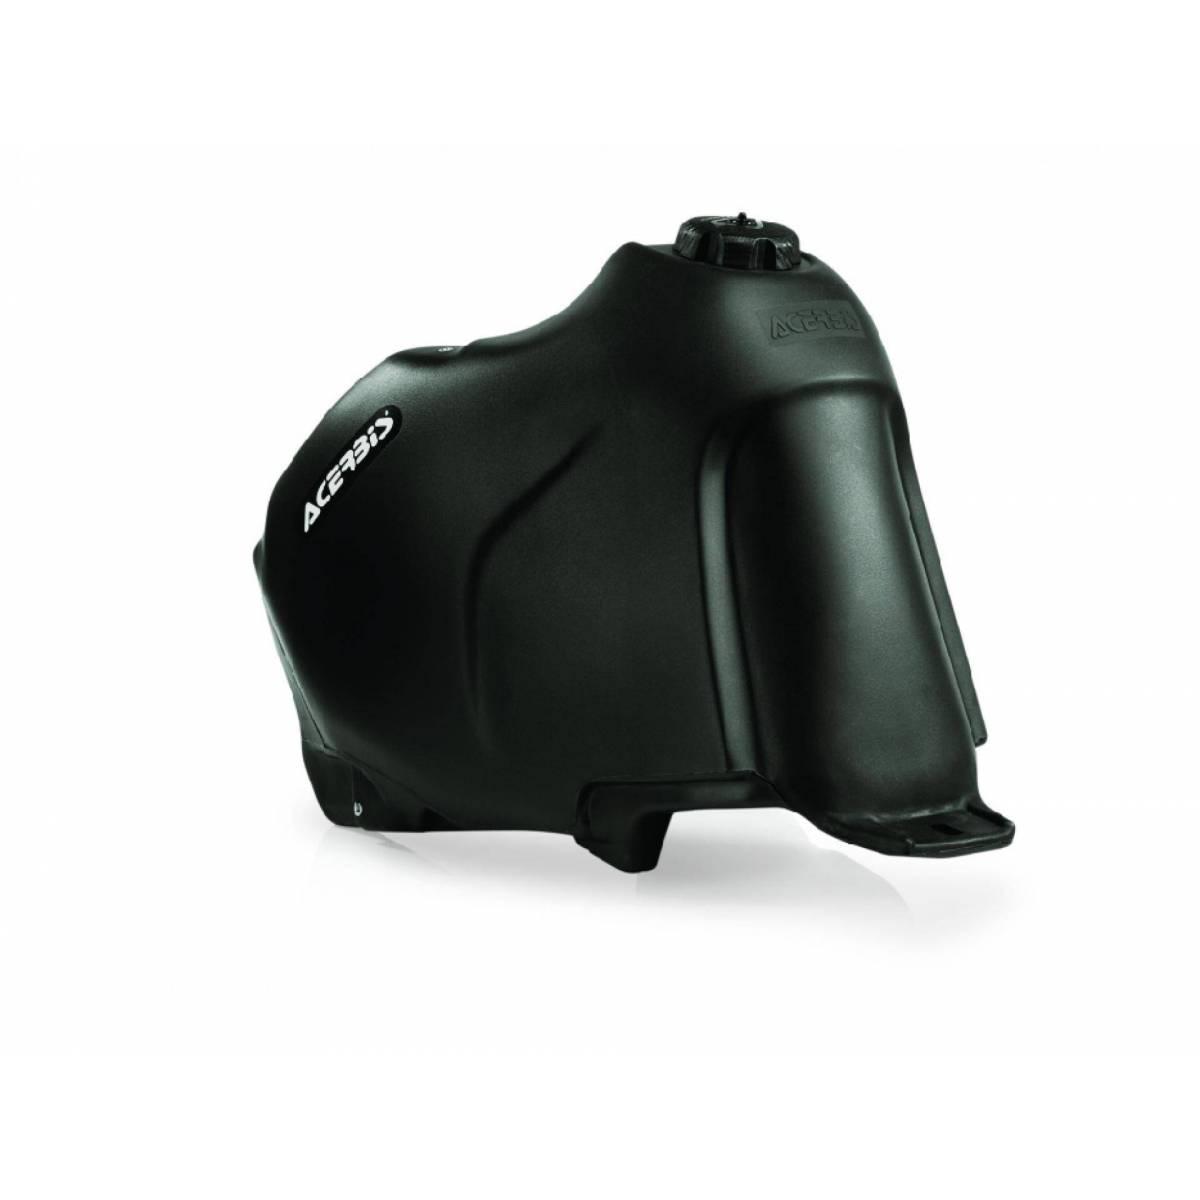 0001589-090 - Deposito Dominator 23L 92 94 Negro